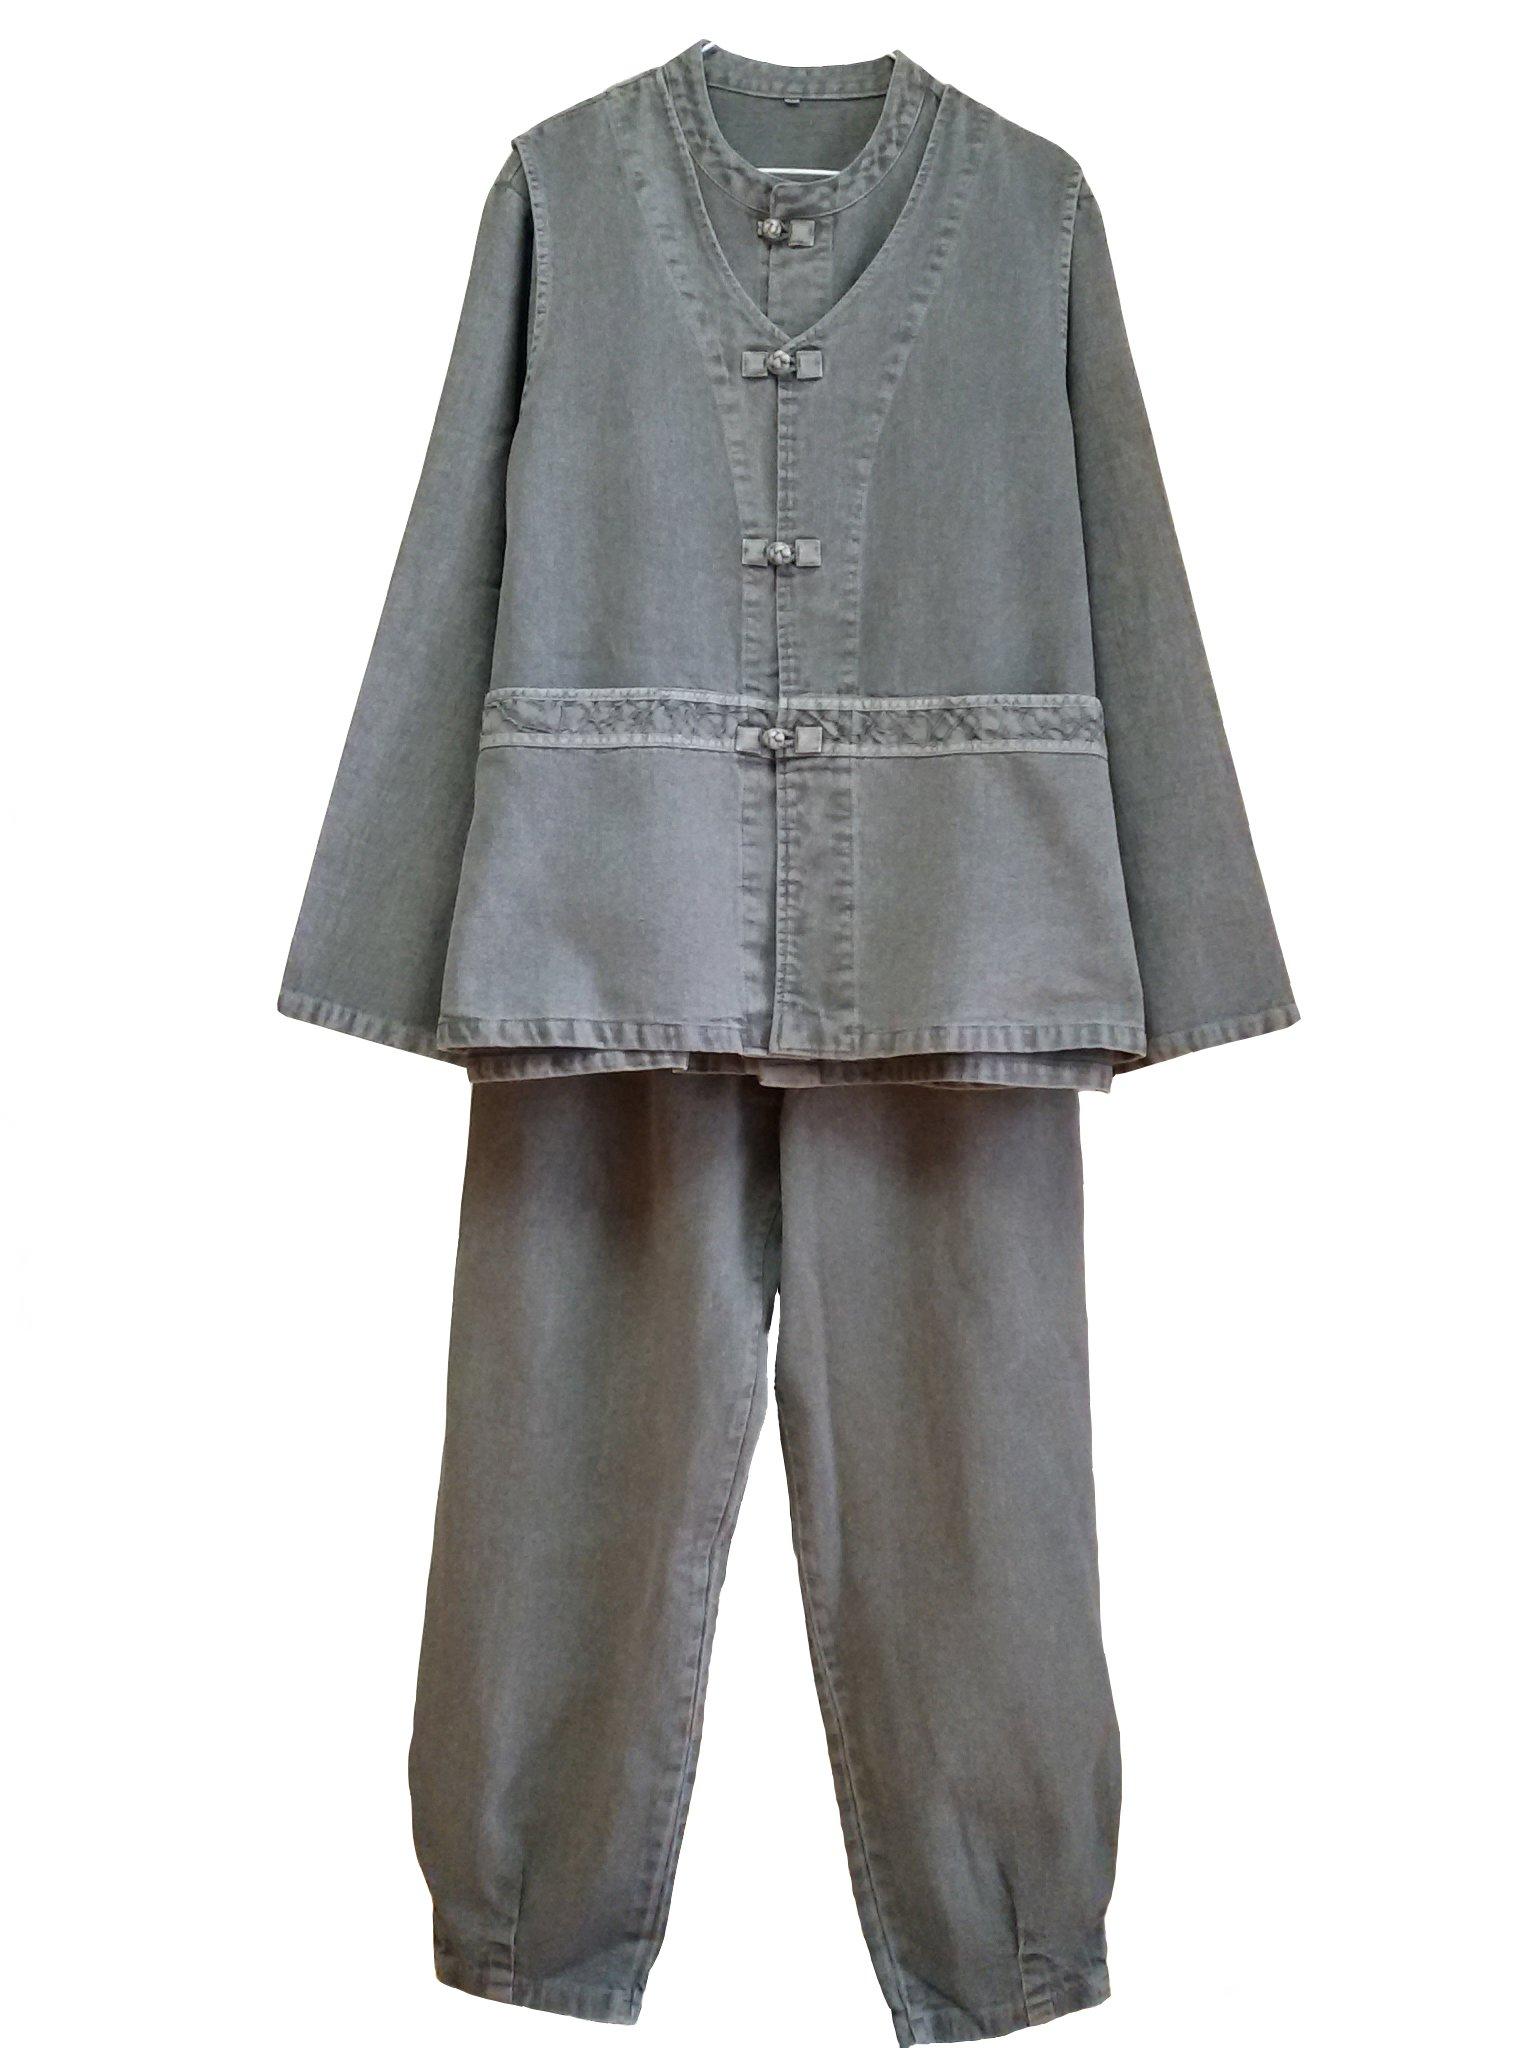 Altair Men Women Cotton 100% Jacket or Vest or Pants Buddhist Zen Meditation Temple Clothing (gray vest, L)